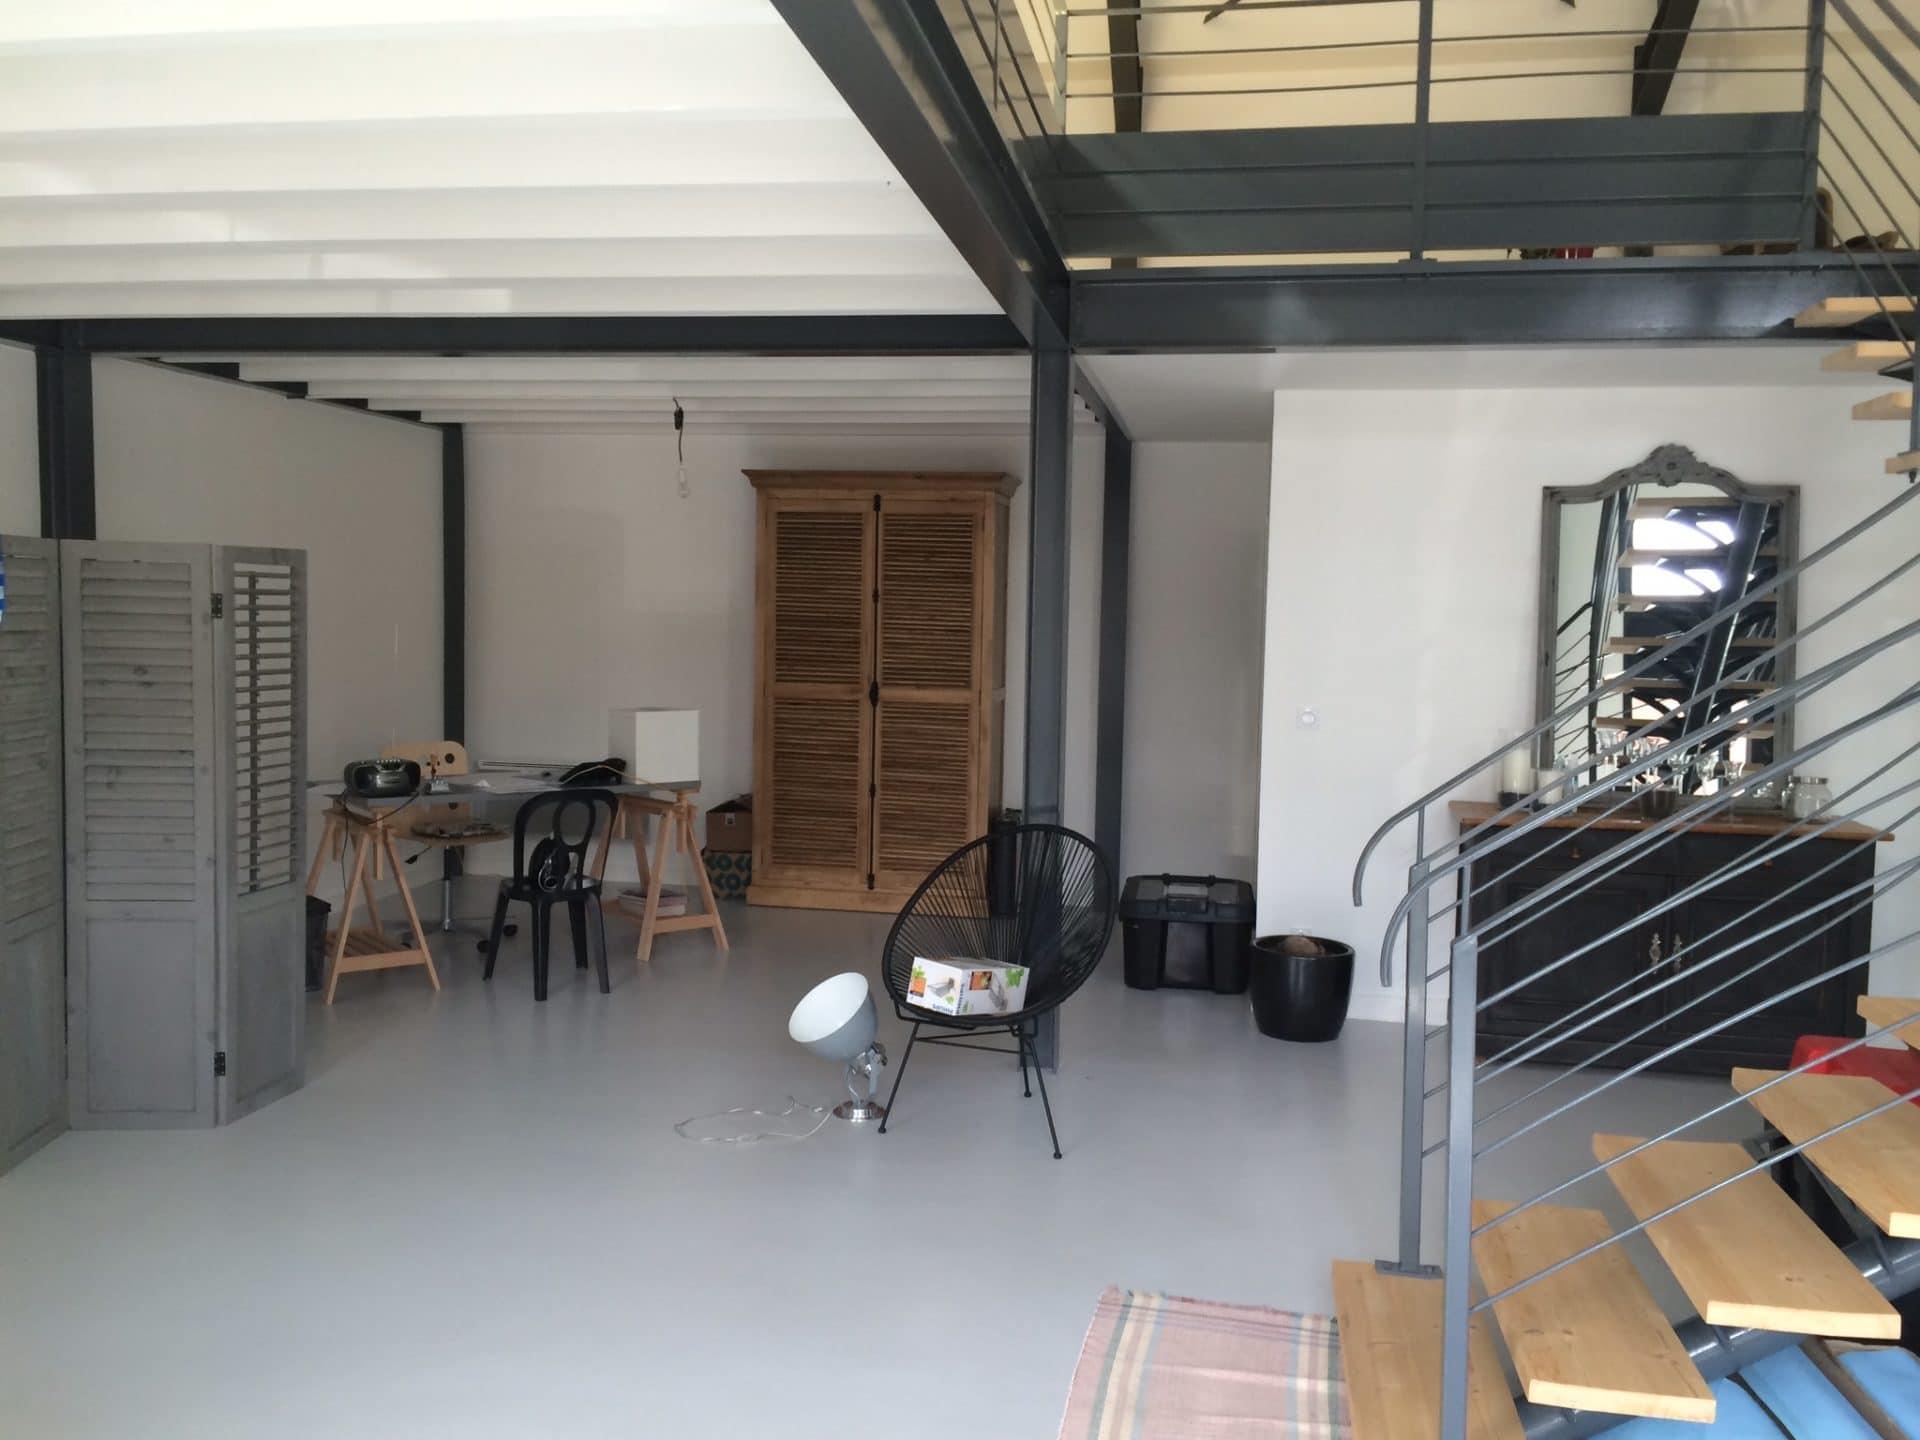 Rénovation complète d'un loft à Niort (79)